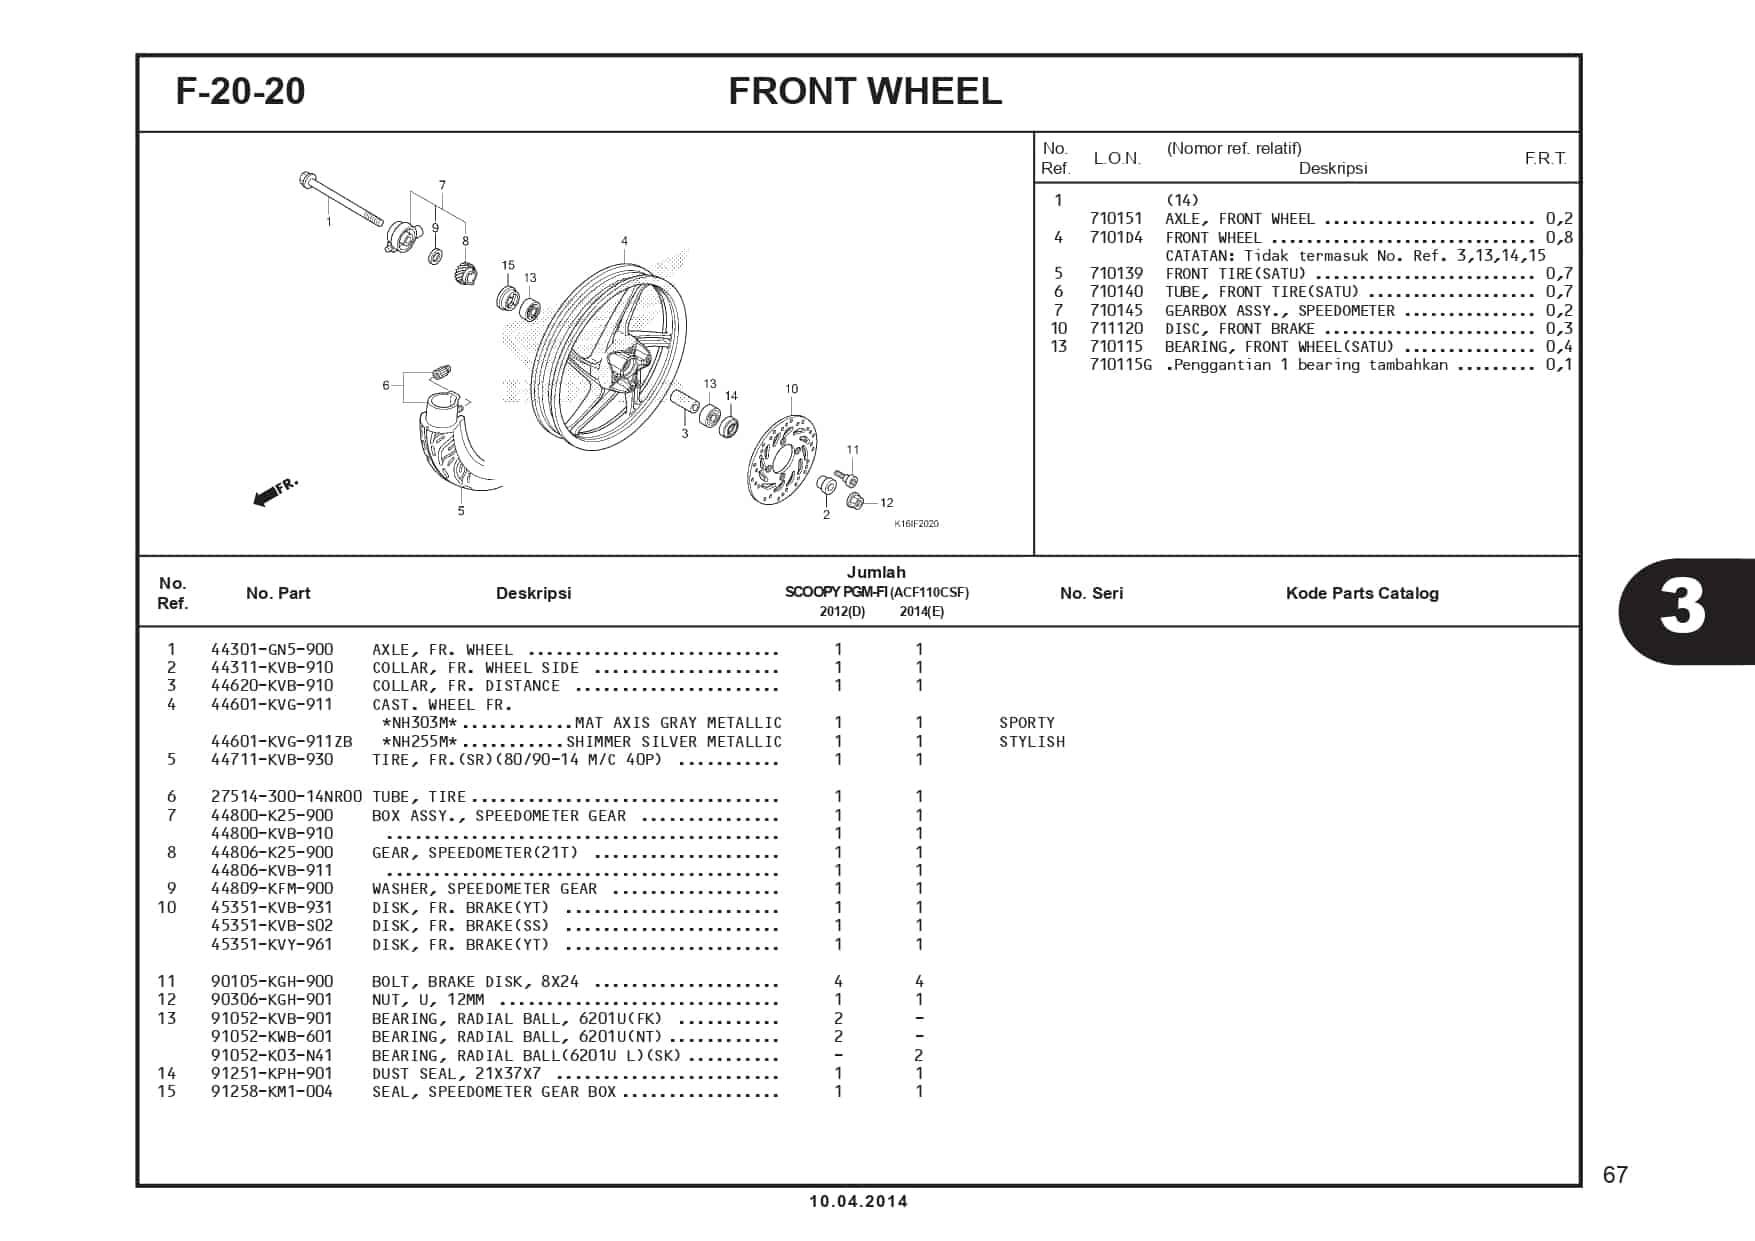 F-20-20 Front Wheel